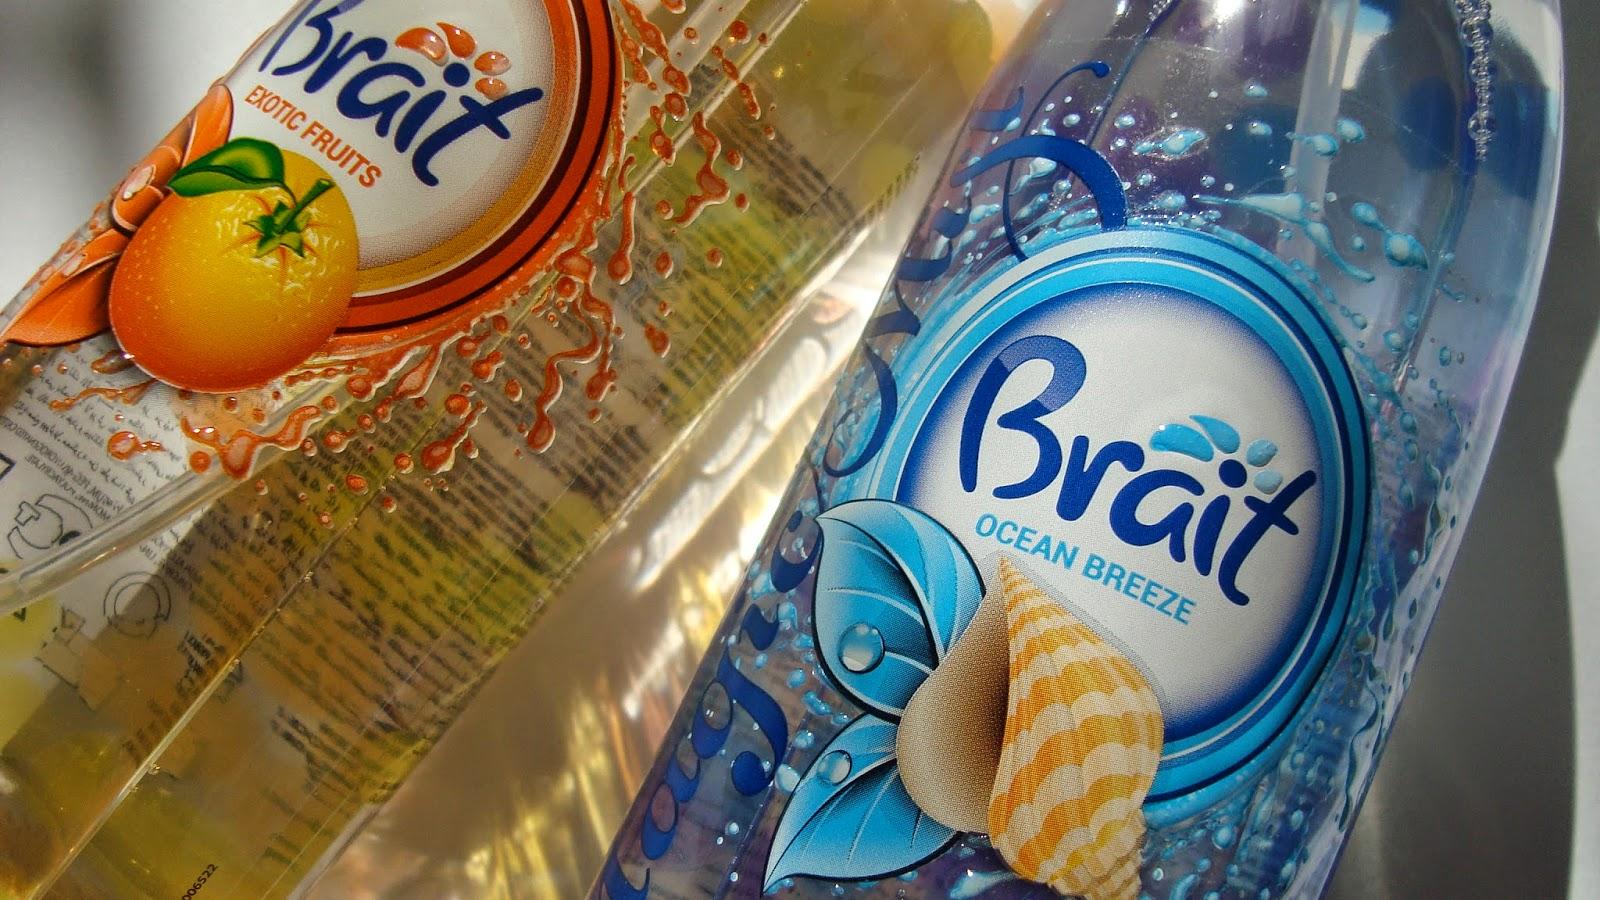 Odświeżacze od Brait. Zapach owocowy i morski.